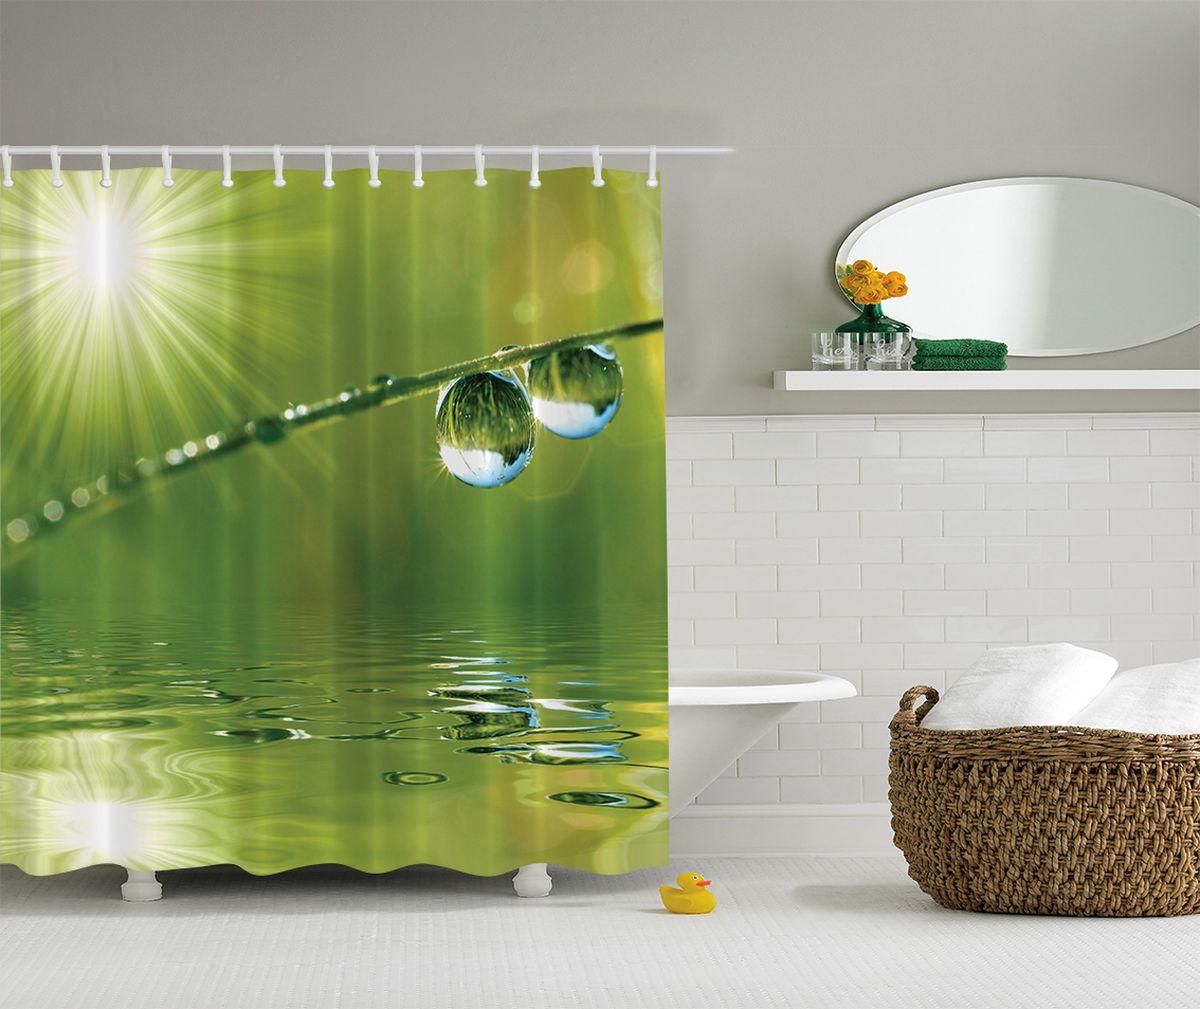 """Штора """"Magic Lady"""", изготовленная из высококачественного сатена (полиэстер 100%), отлично дополнит любой интерьер ванной комнаты. При изготовлении используются специальные гипоаллергенные чернила для прямой печати по ткани, безопасные для человека.    В комплекте: 1 штора, 12 крючков."""